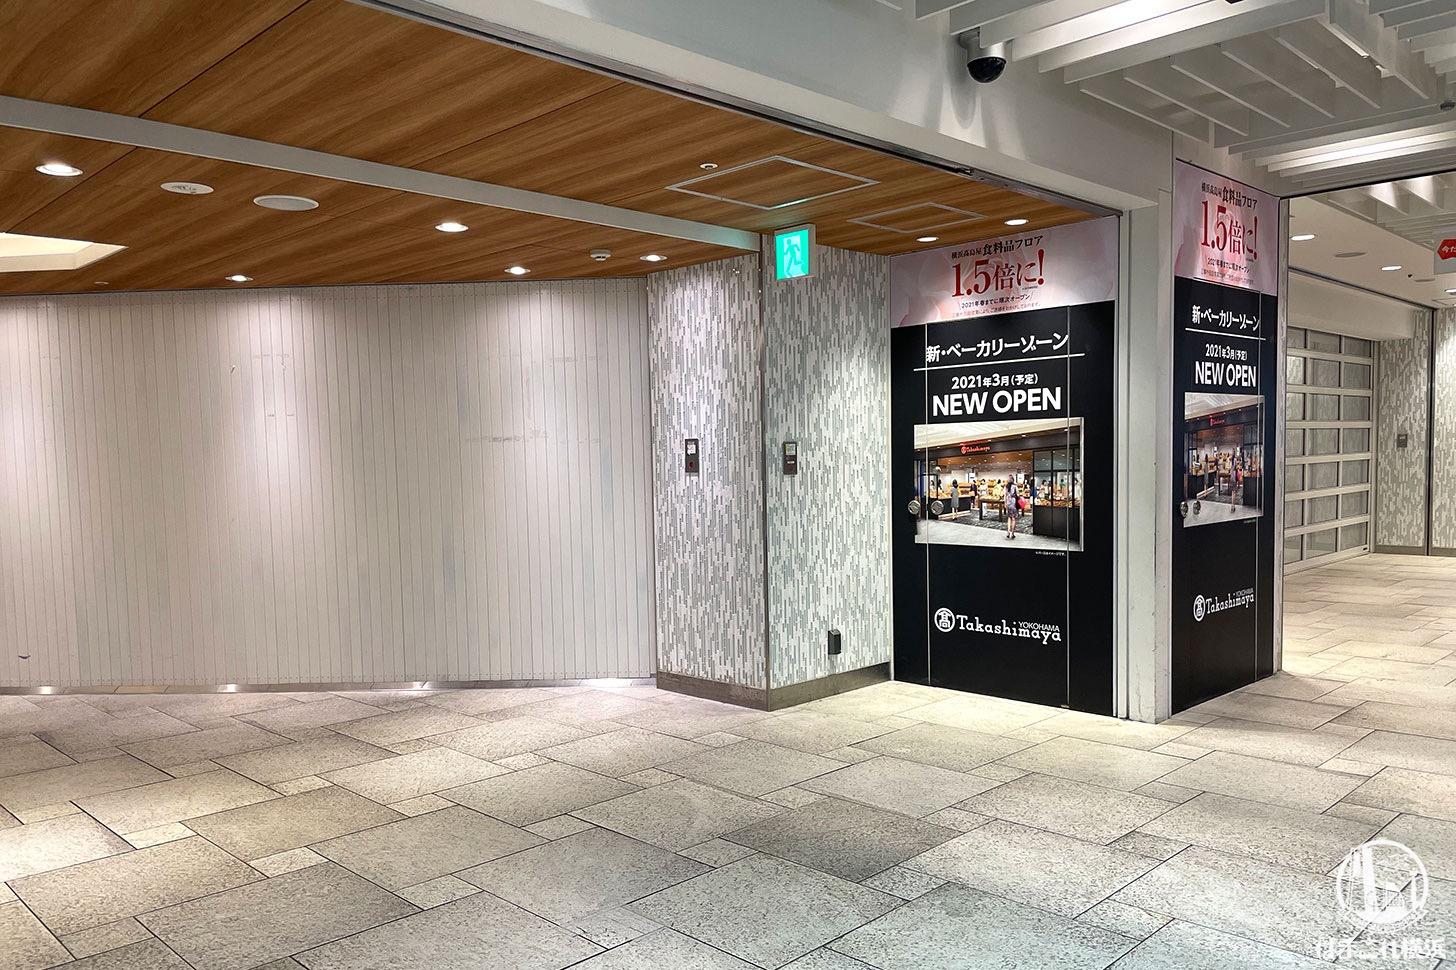 横浜高島屋「新ベーカリーゾーン」2021年3月にオープン予定